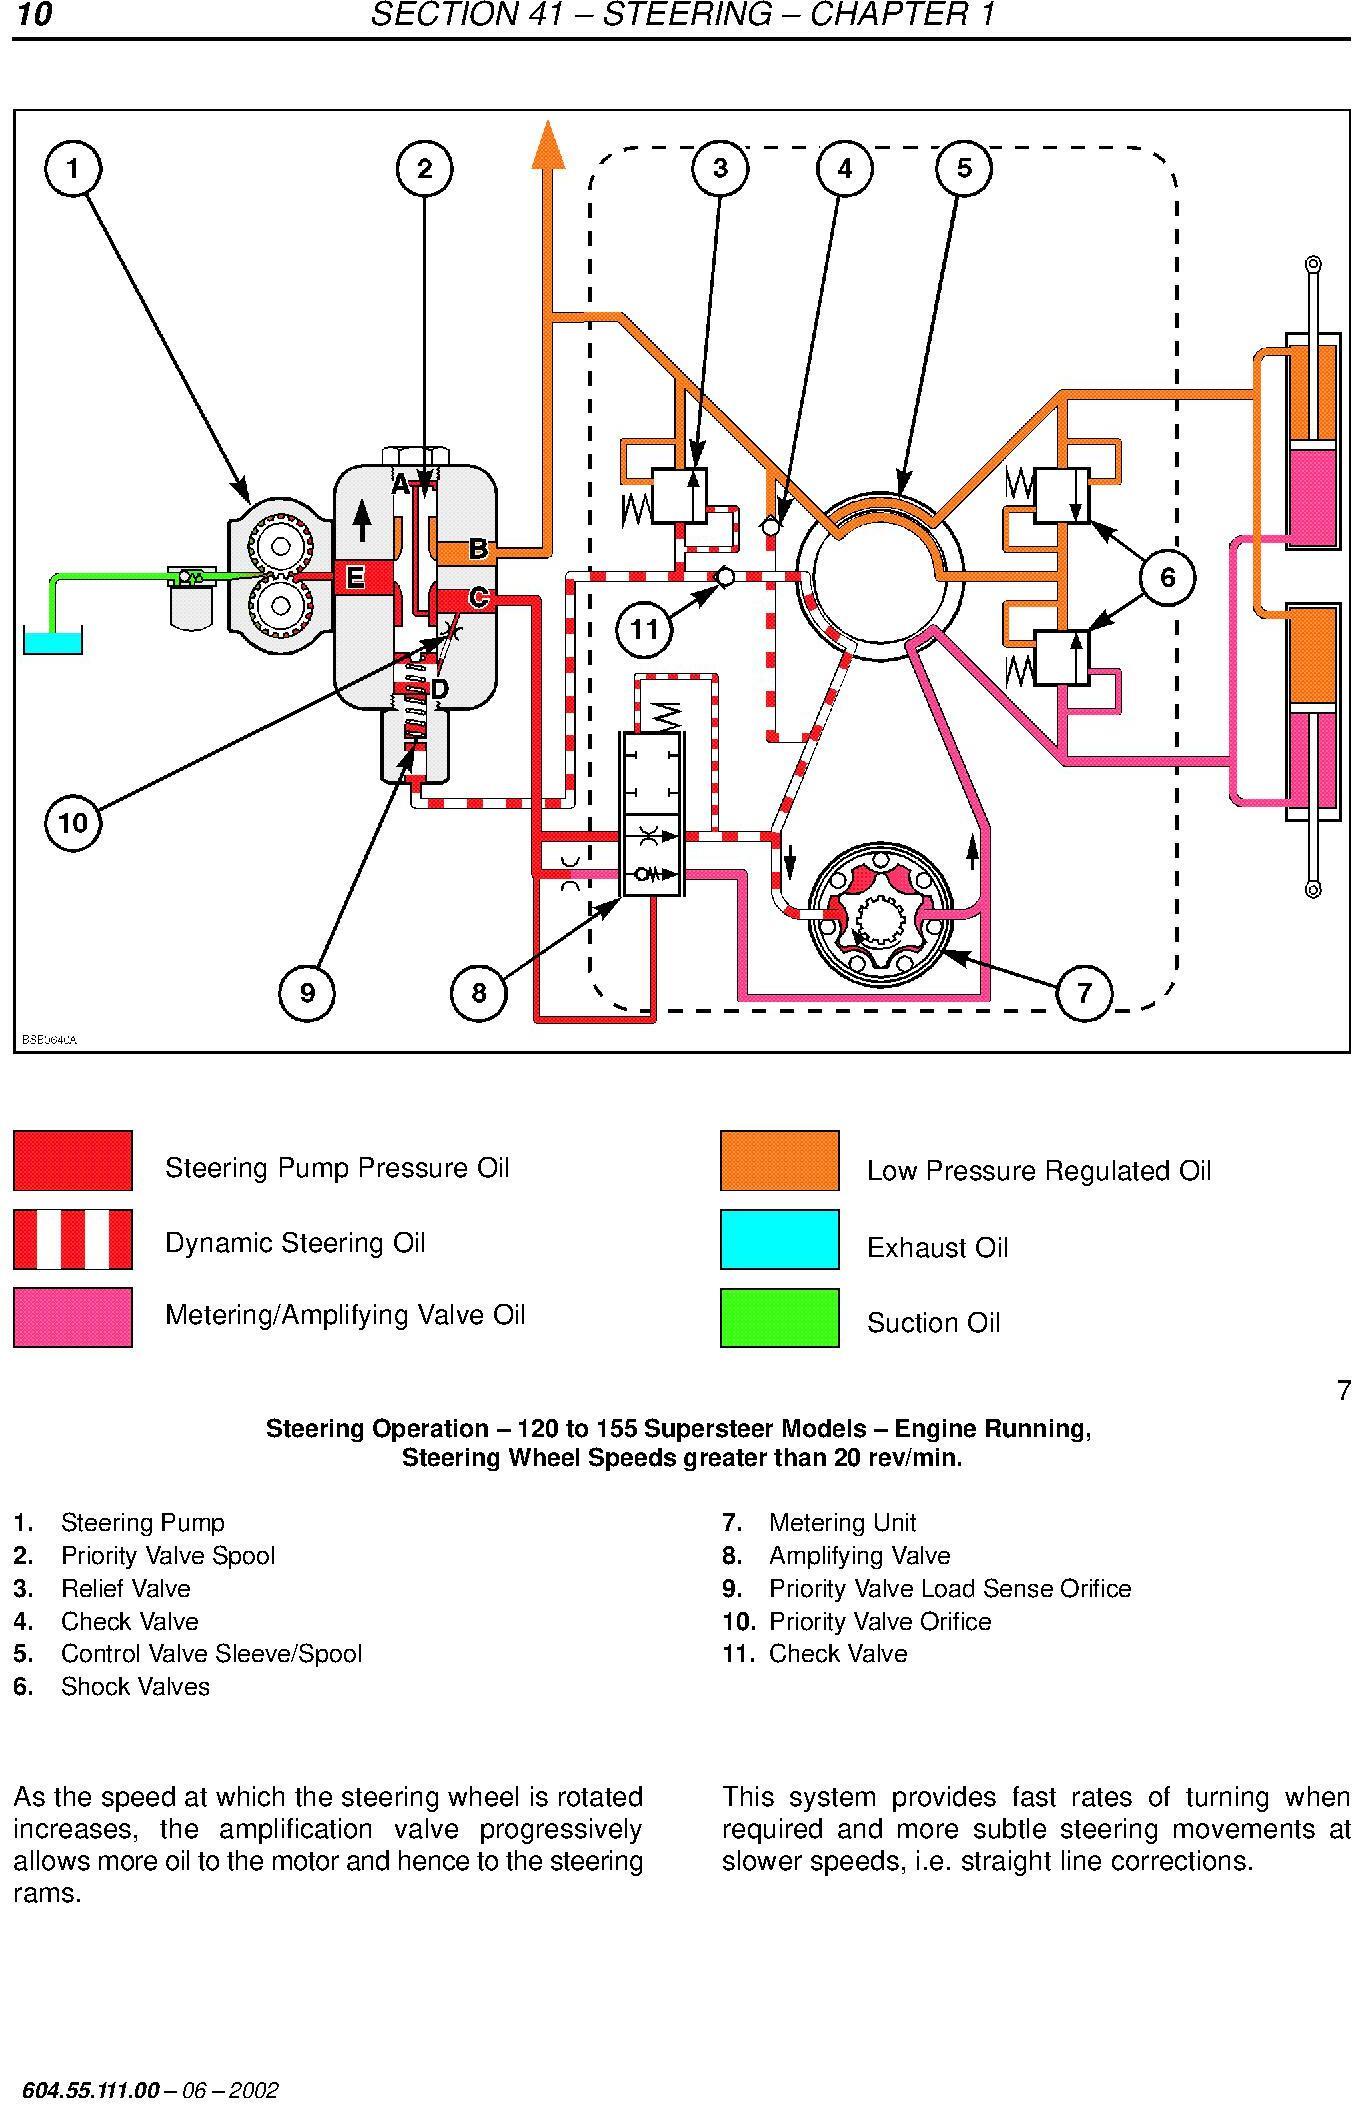 New Holland TM120, TM130, TM140, TM155, TM175, TM190 Tractor Service Manual - 1